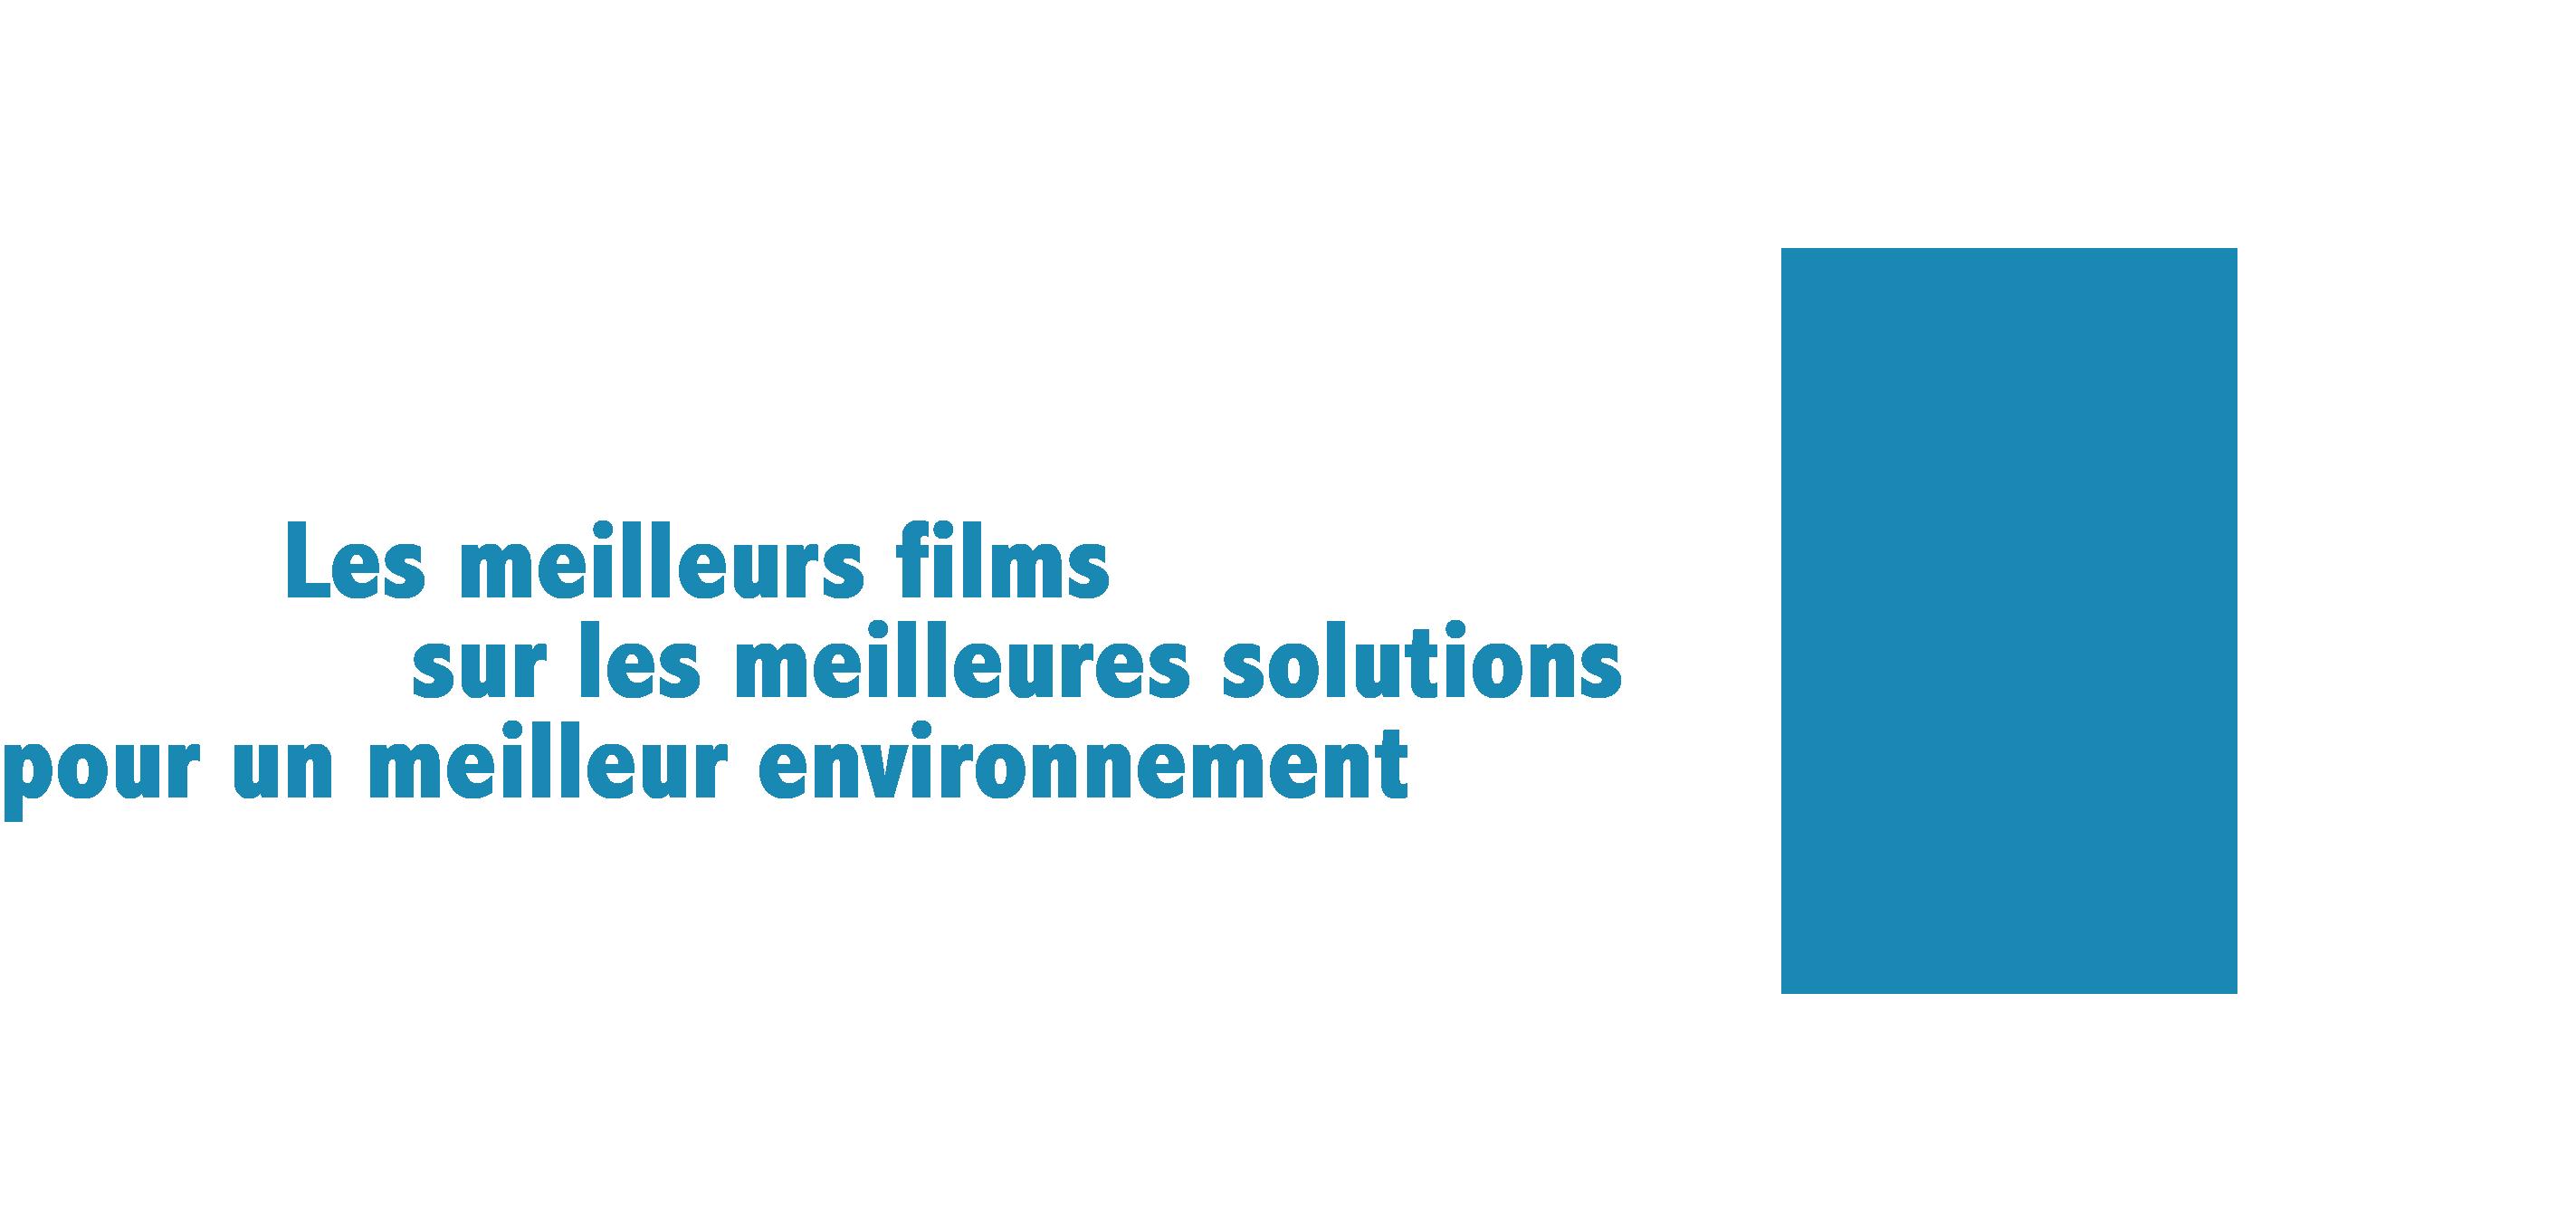 LE FESTIVAL DES POSSIBLES – Les meilleurs films sur les meilleurs solutions pour un meilleur environnement